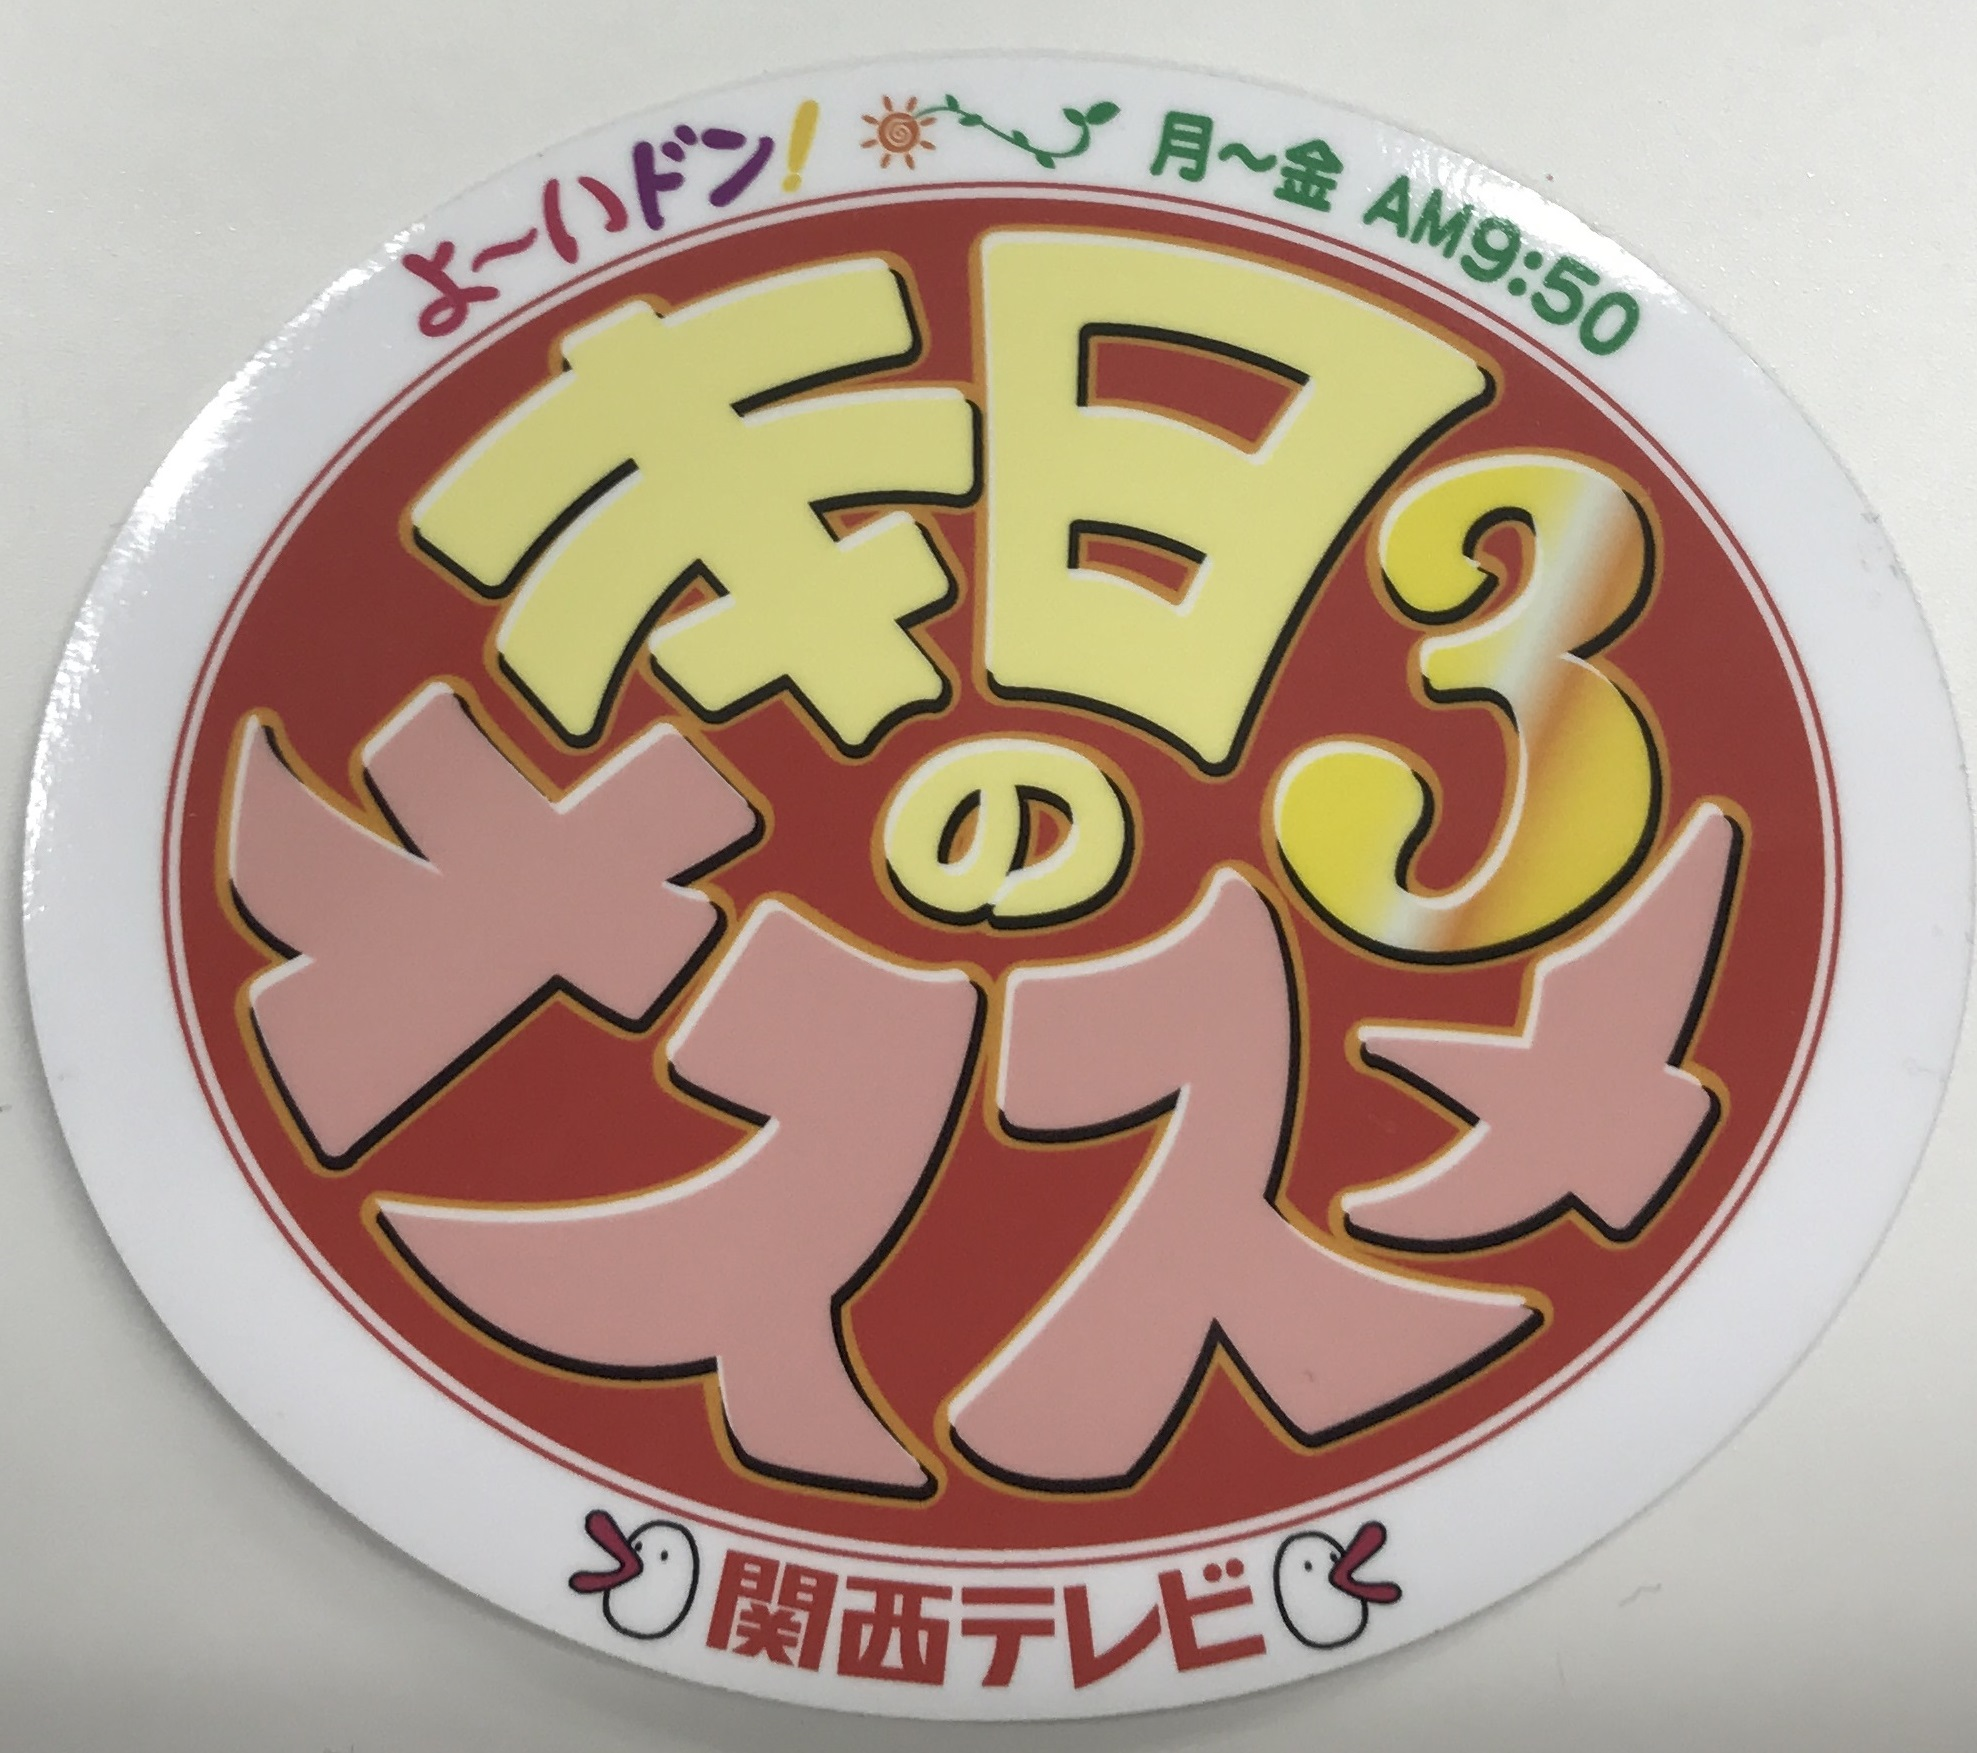 関西テレビ「よ~いドン!」で紹介されました